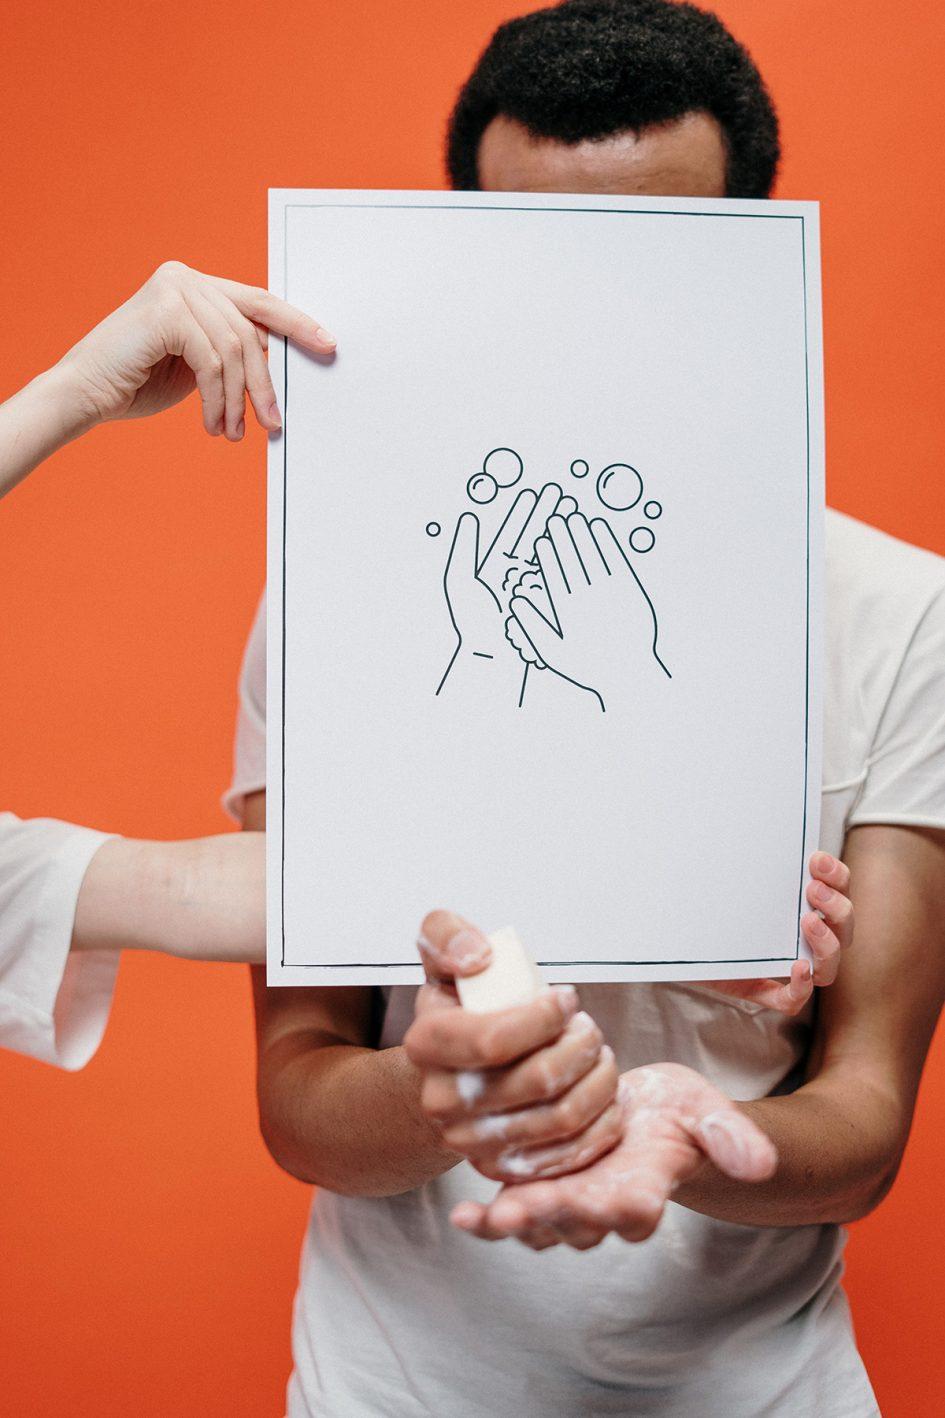 Coronavirus washing hands image